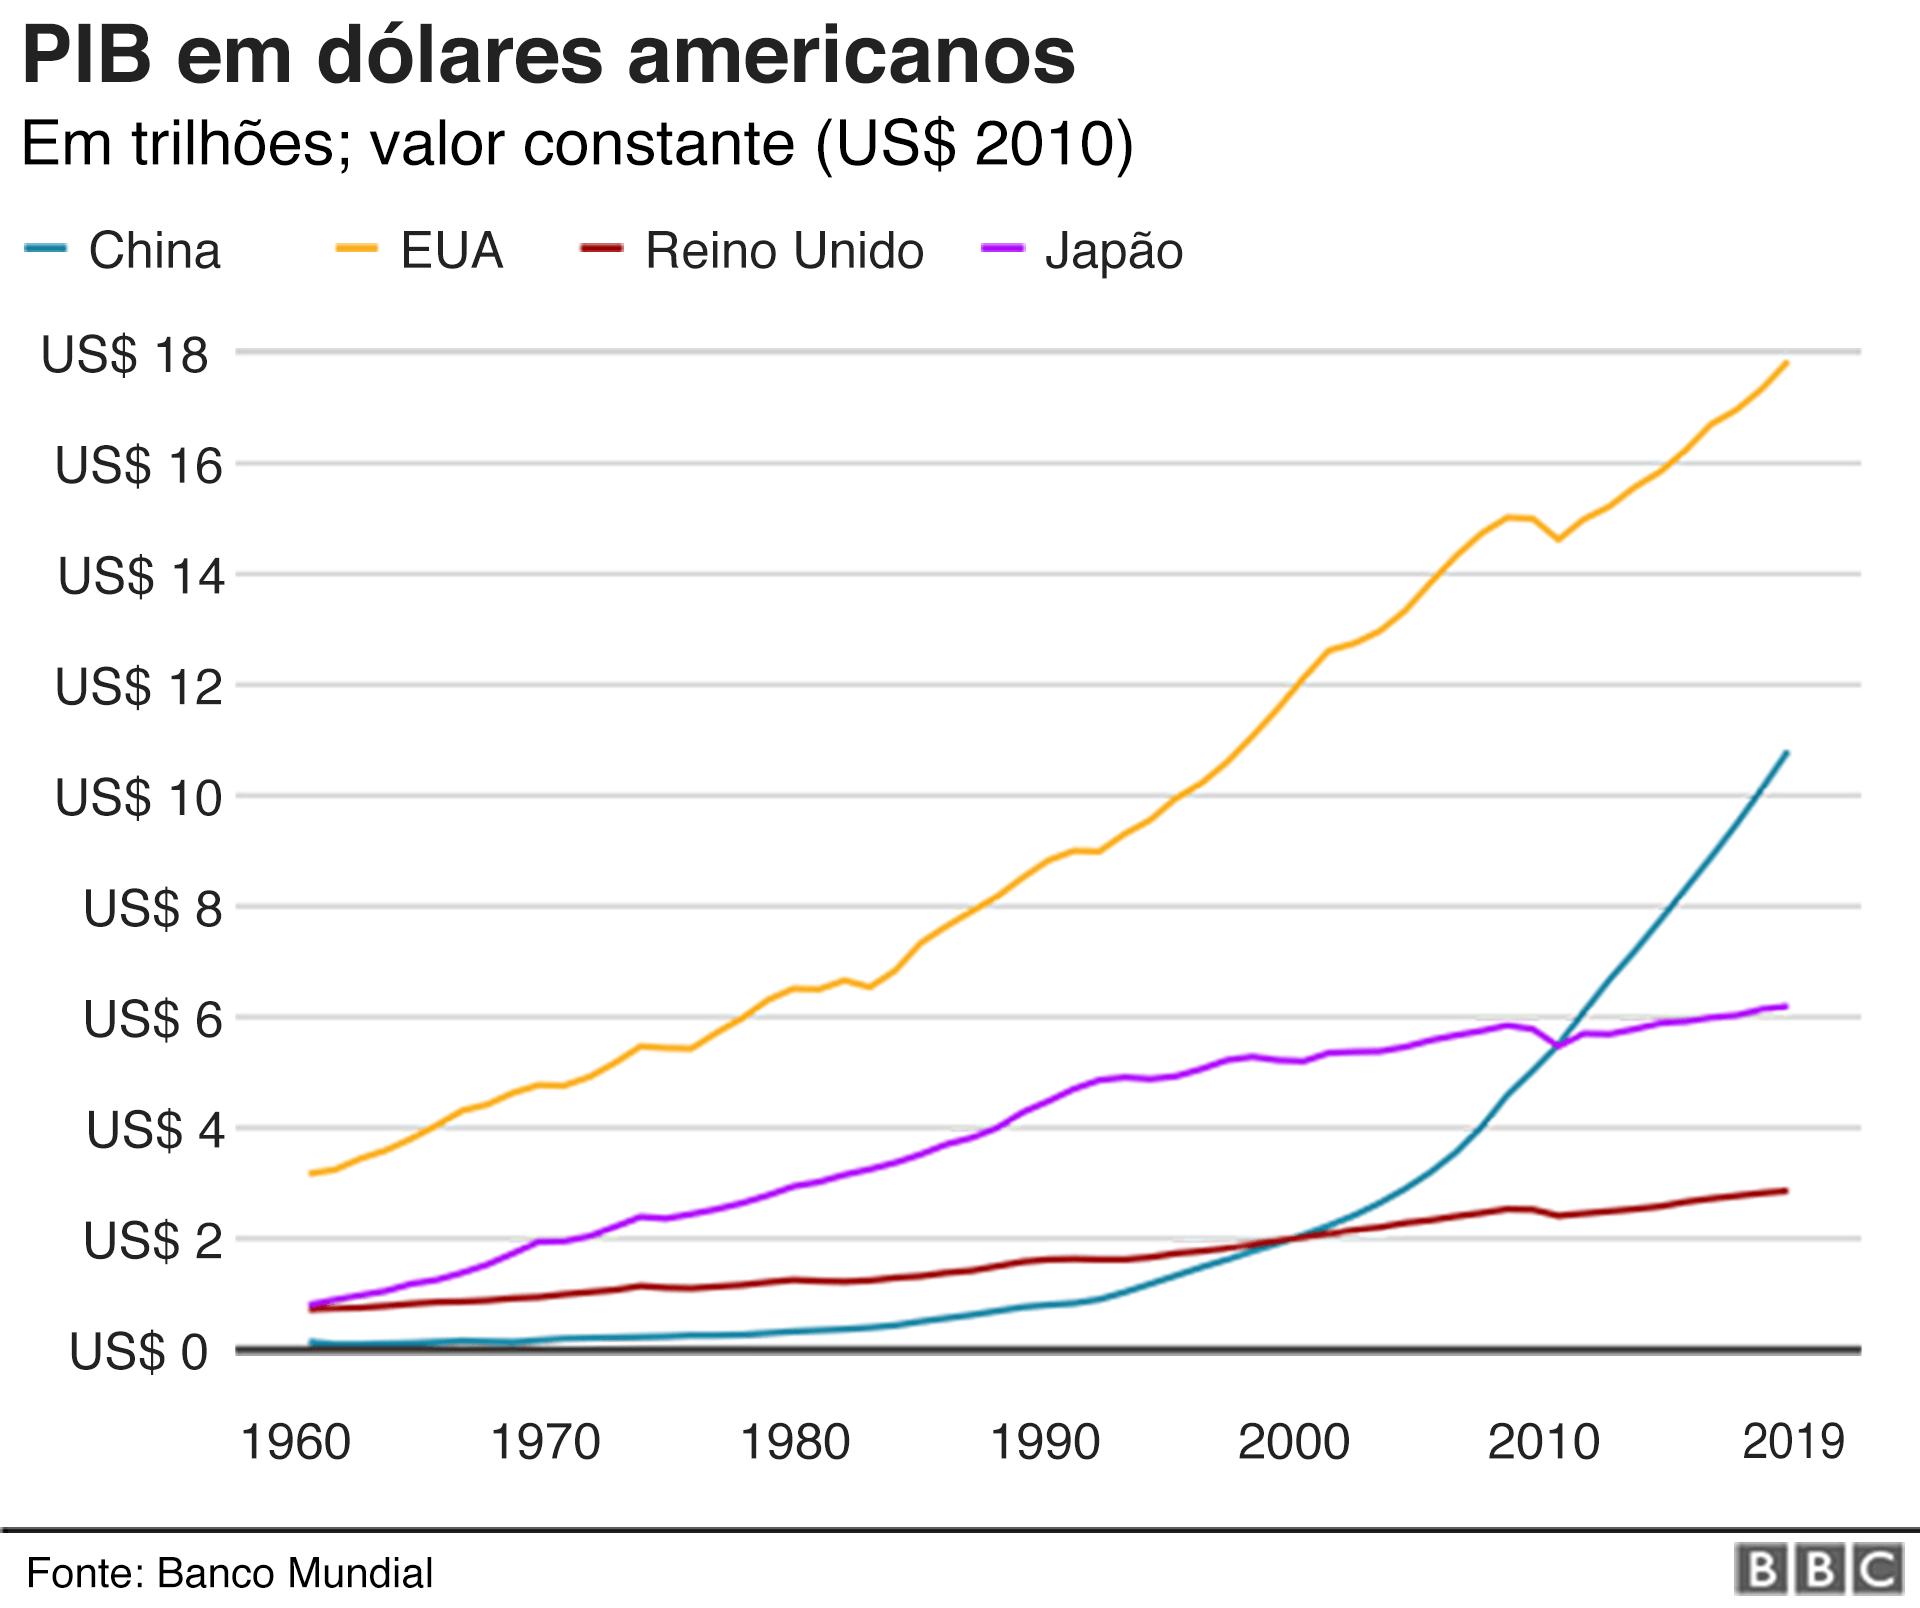 Gráfico compara crescimento do PIB da China com EUA, Reino Unido e Japão